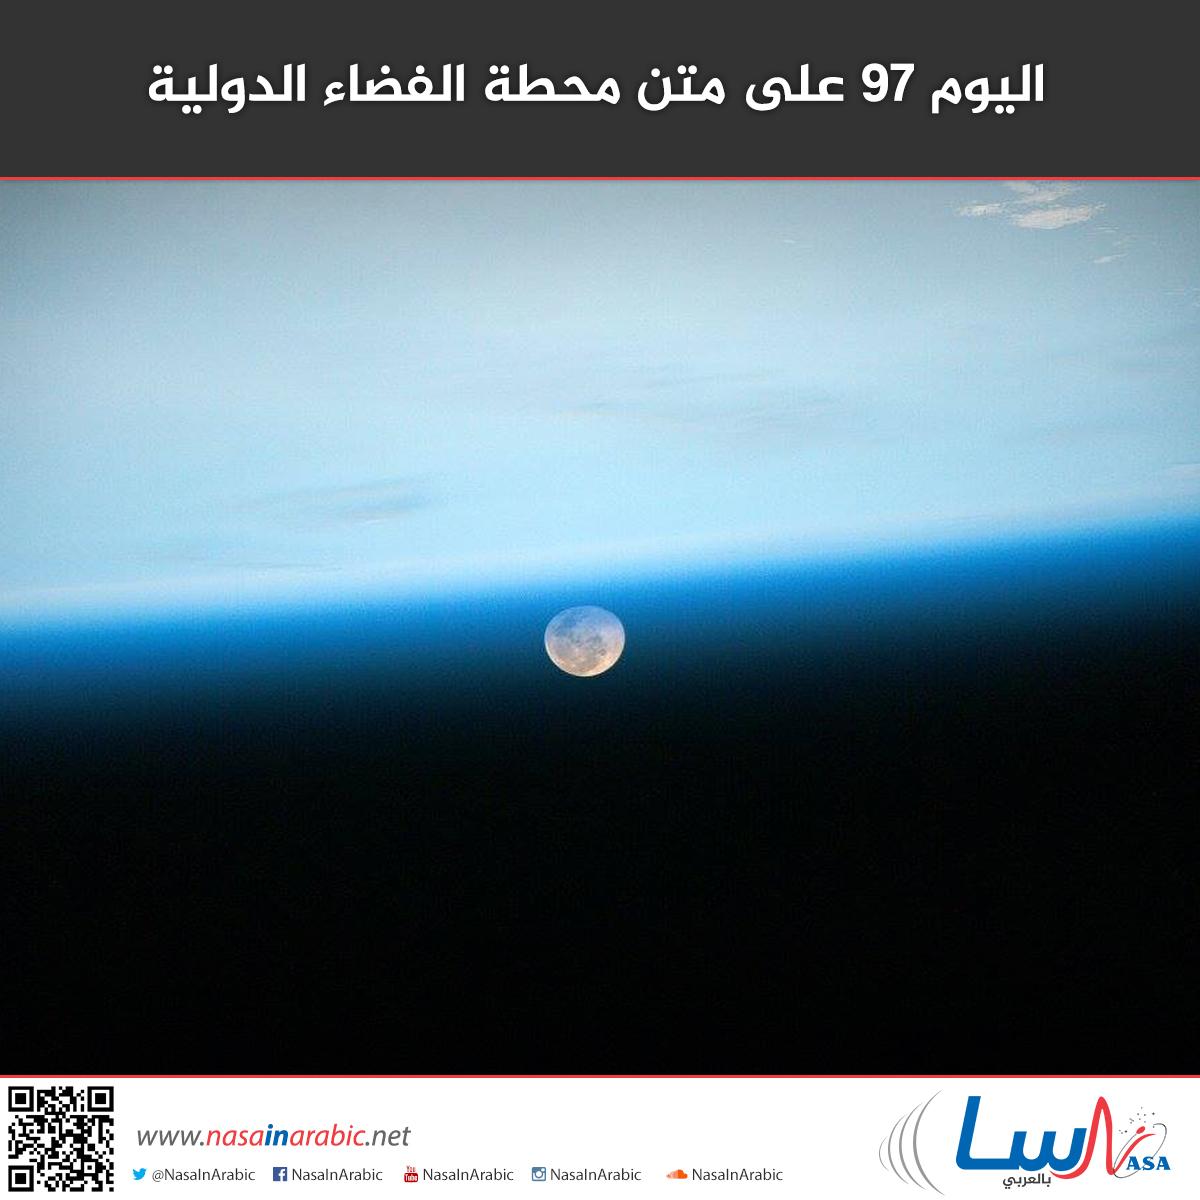 اليوم 97 على متن محطة الفضاء الدولية